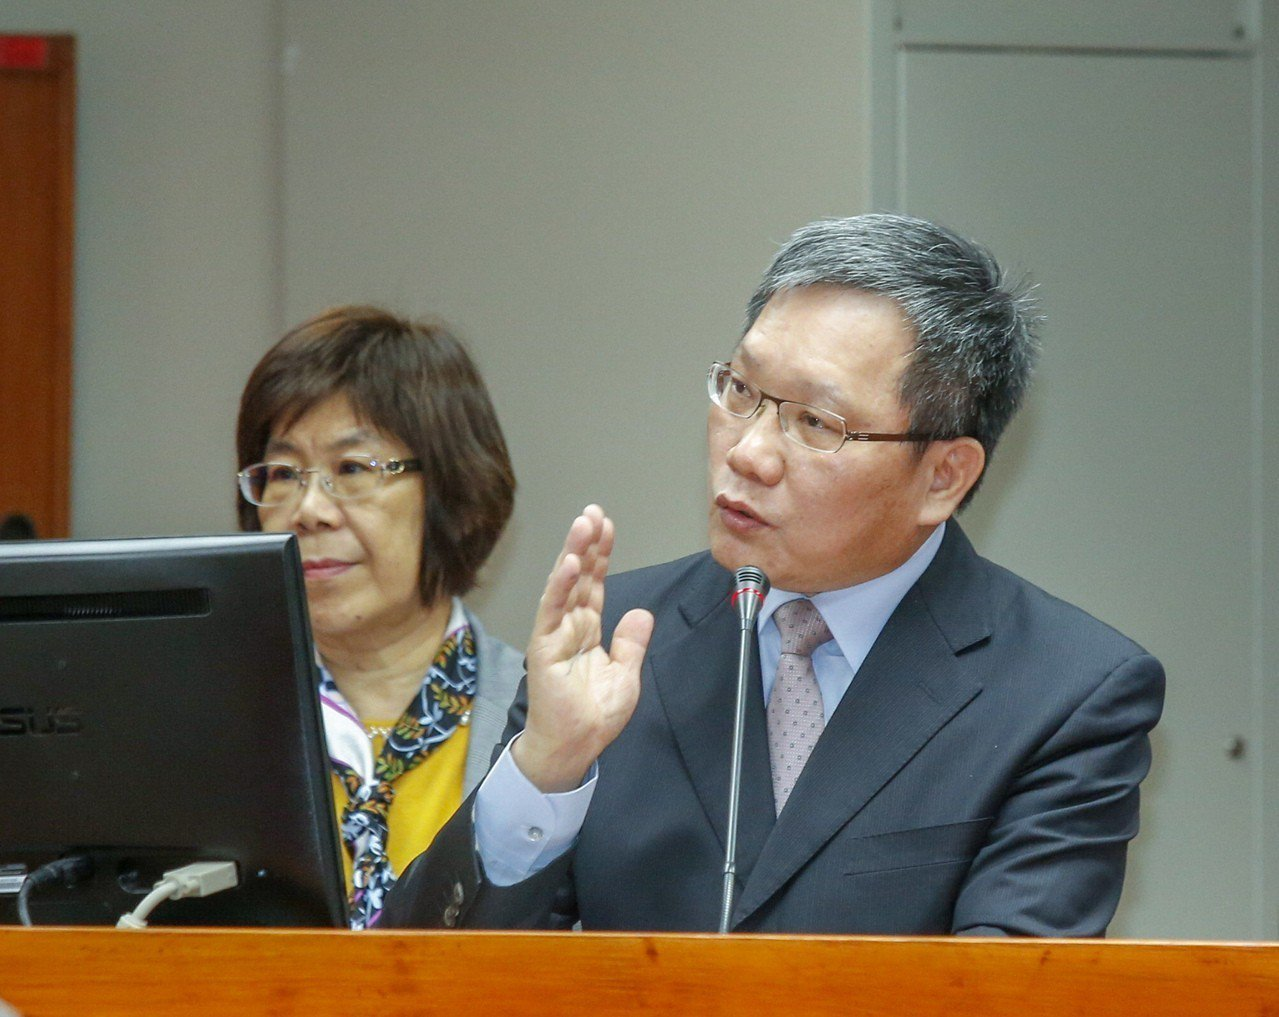 立法院財政委員會上午舉行「台灣金融控股股份有限公司等預算審查」,針對公股銀行薪資...